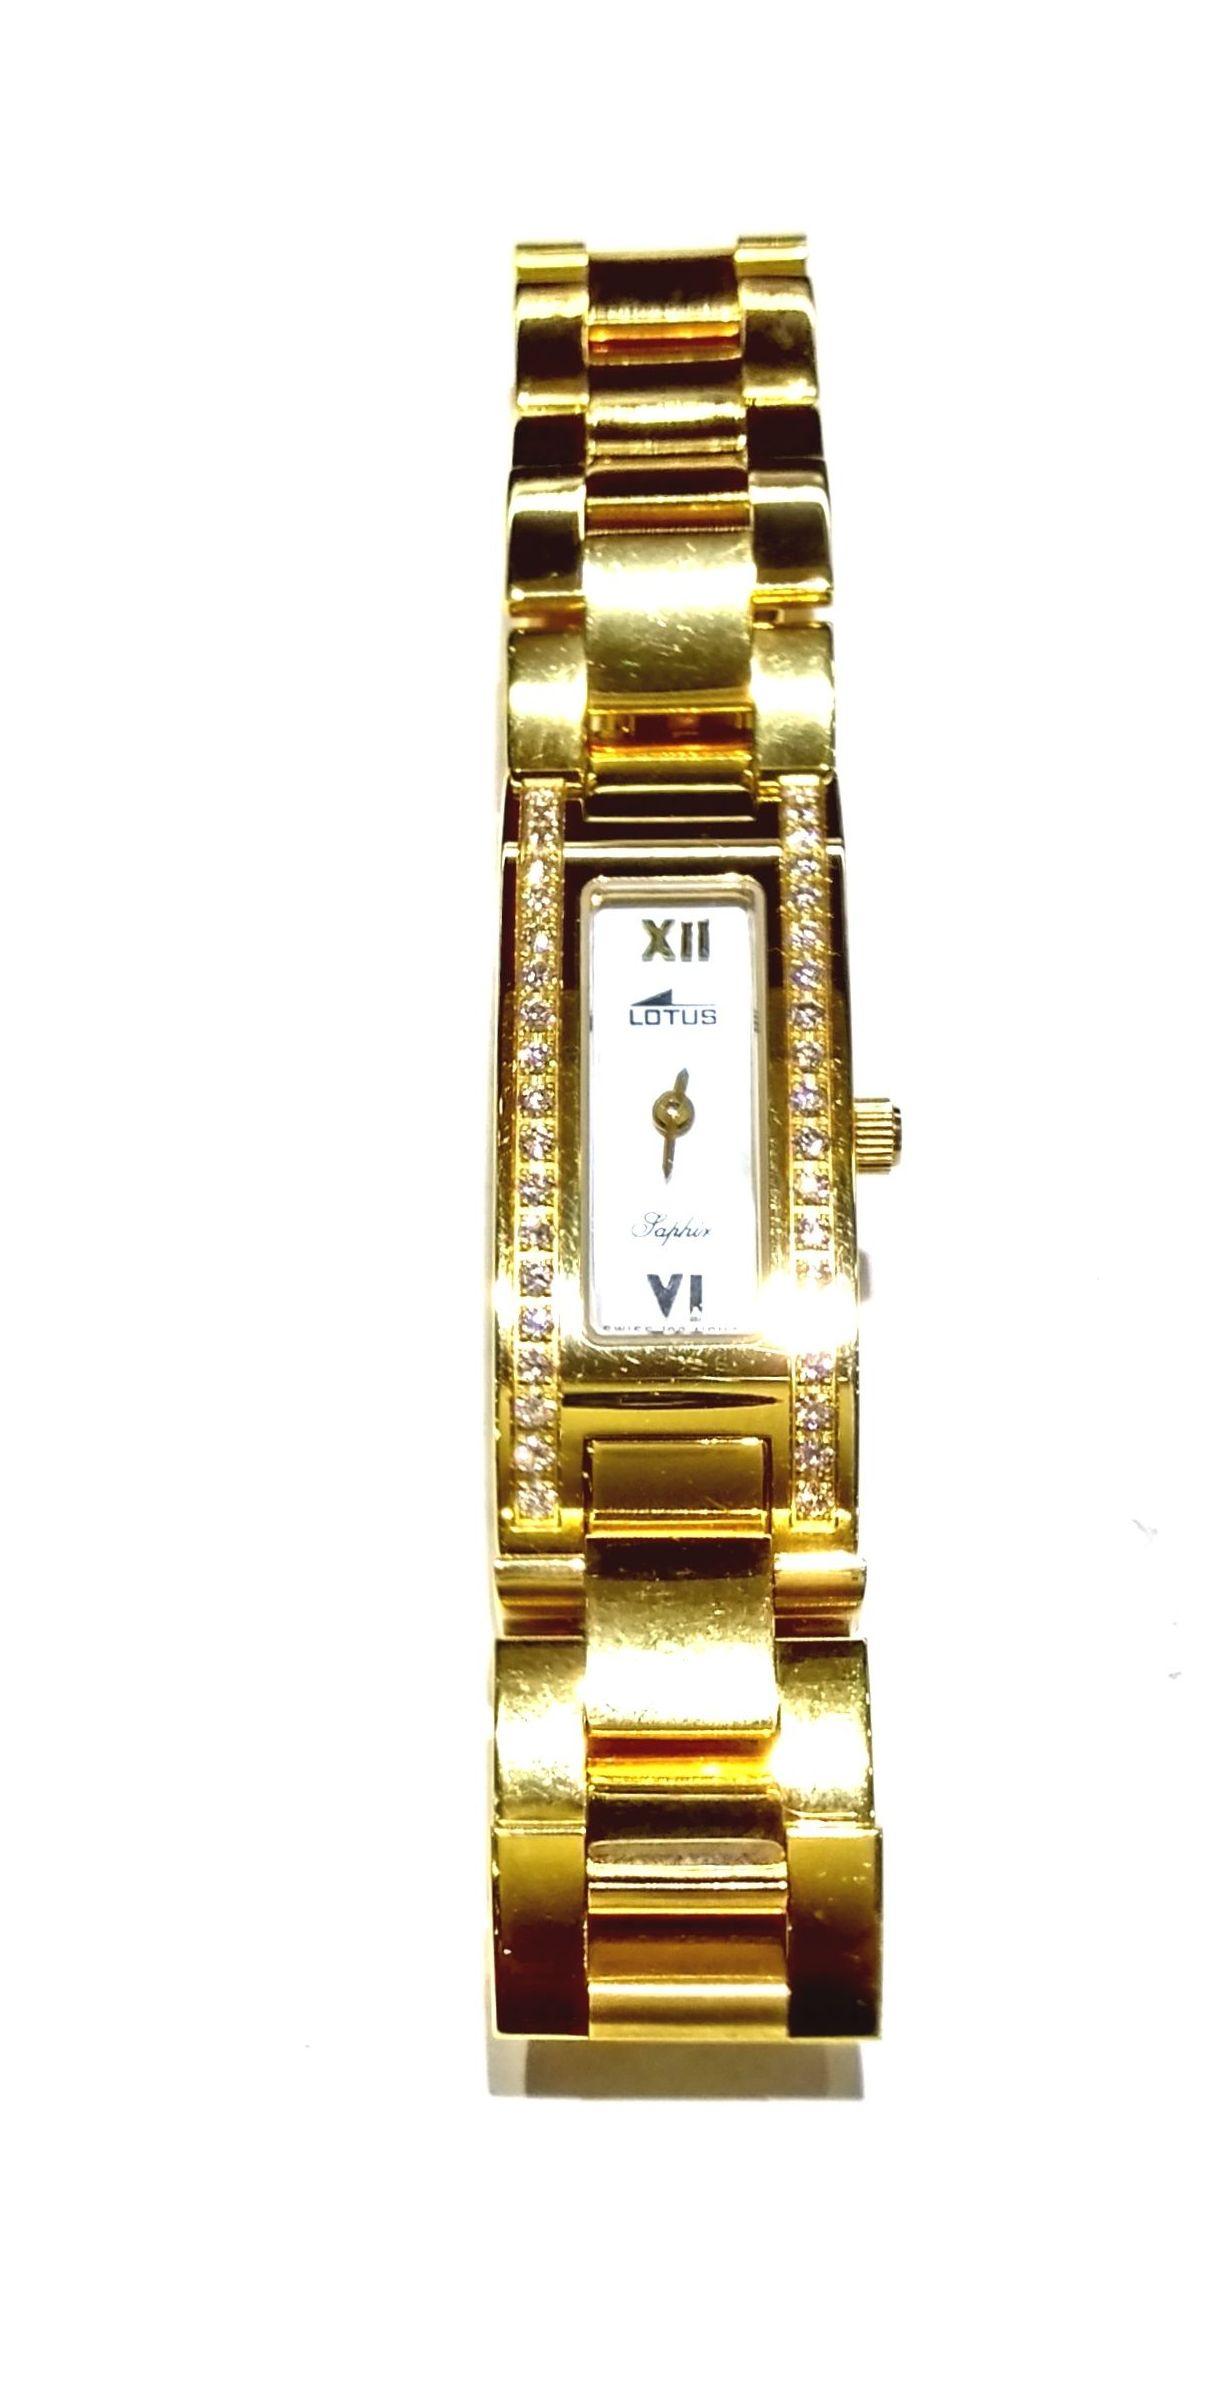 Joyeria en Bilbao, Reloj Lotus Oro